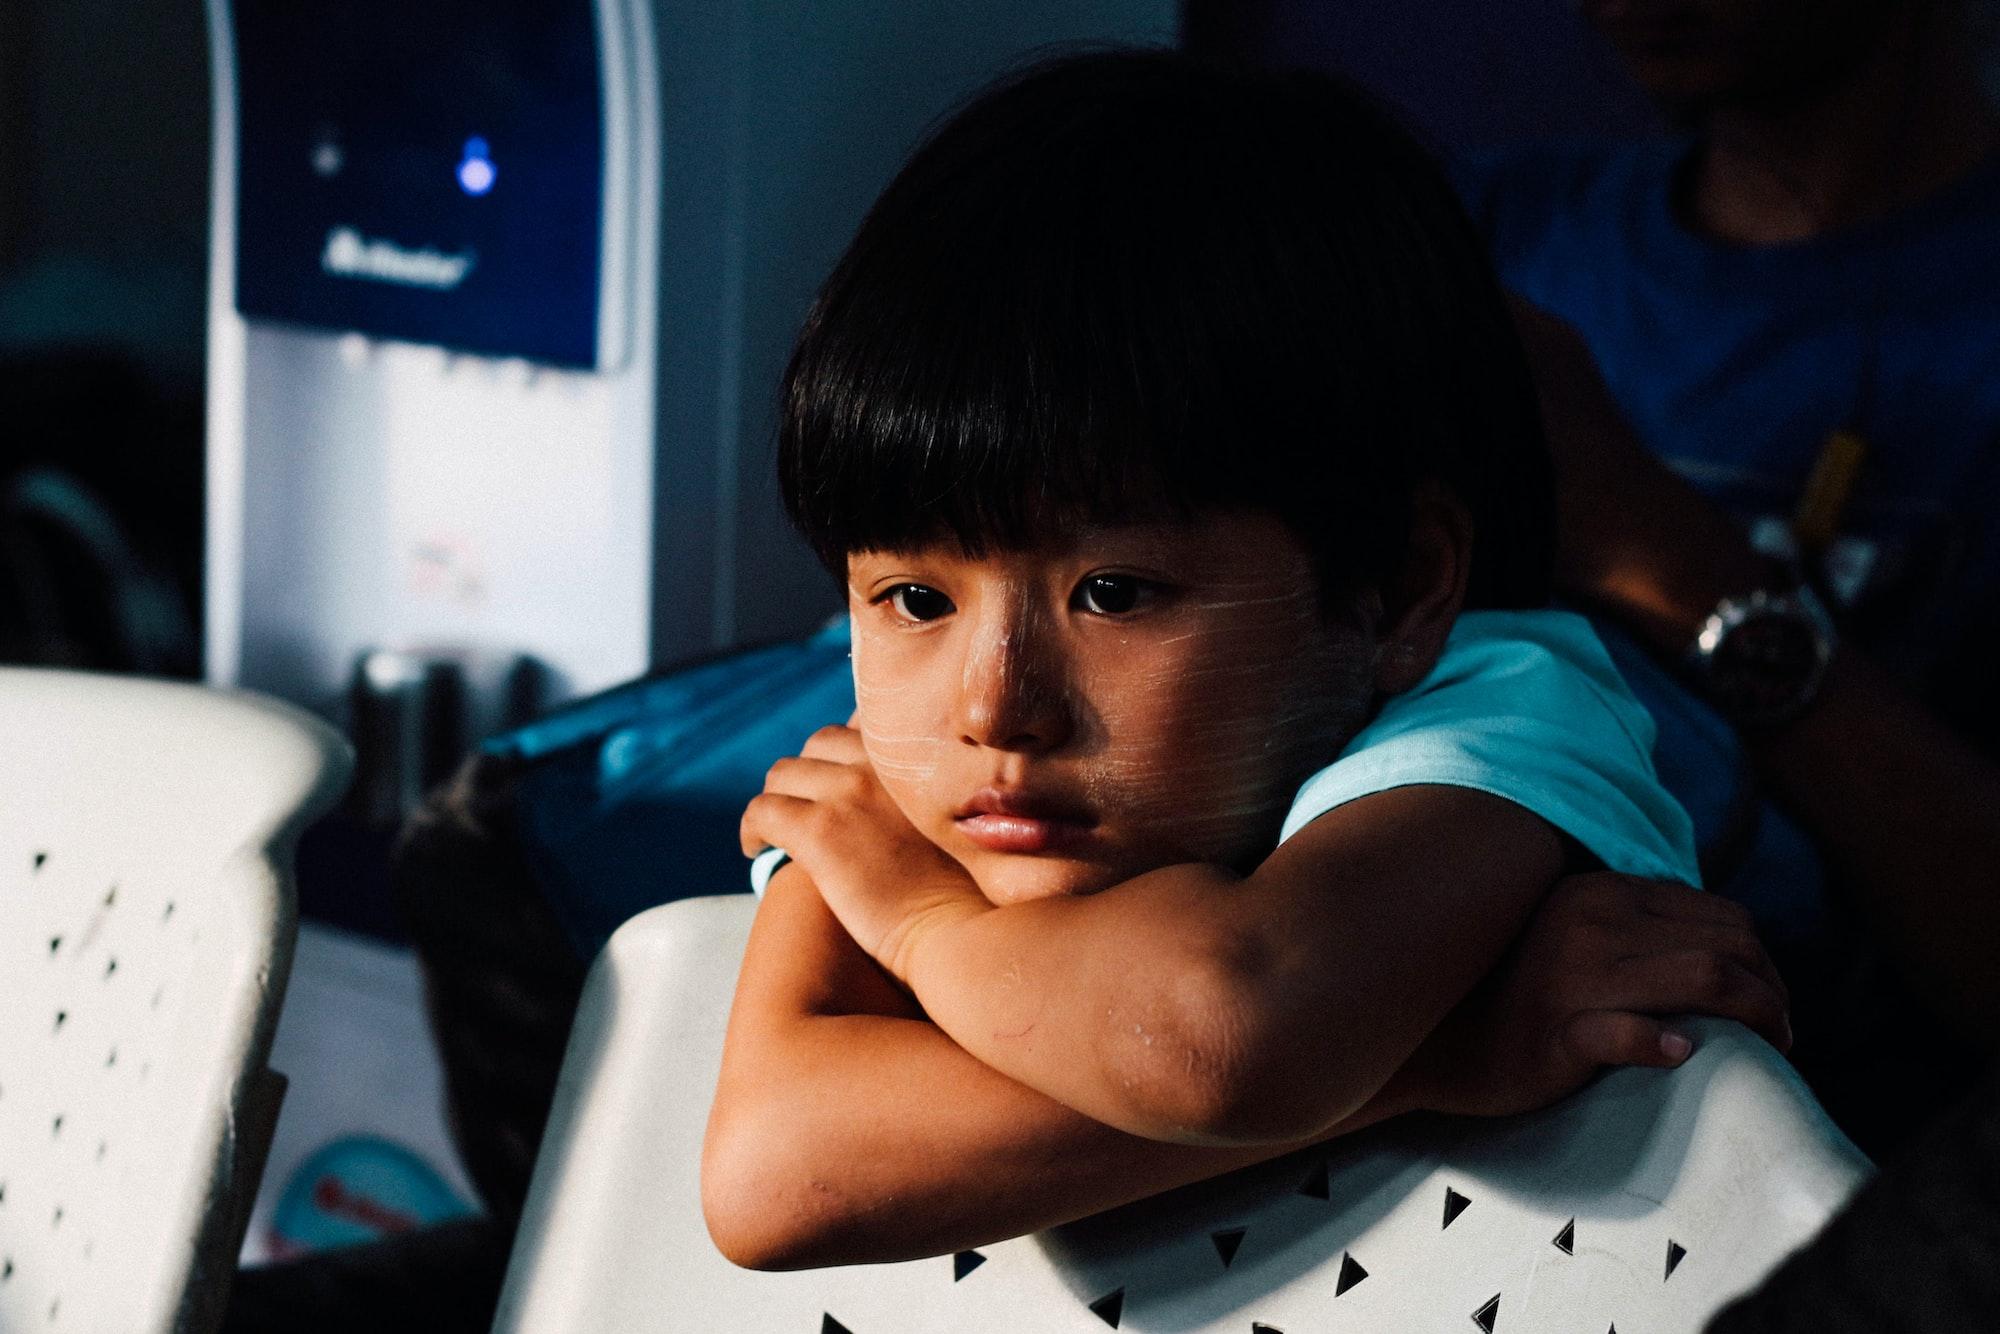 코로나-19로 집에만 있는 아이, 정서불안에 걸릴 수 있다?